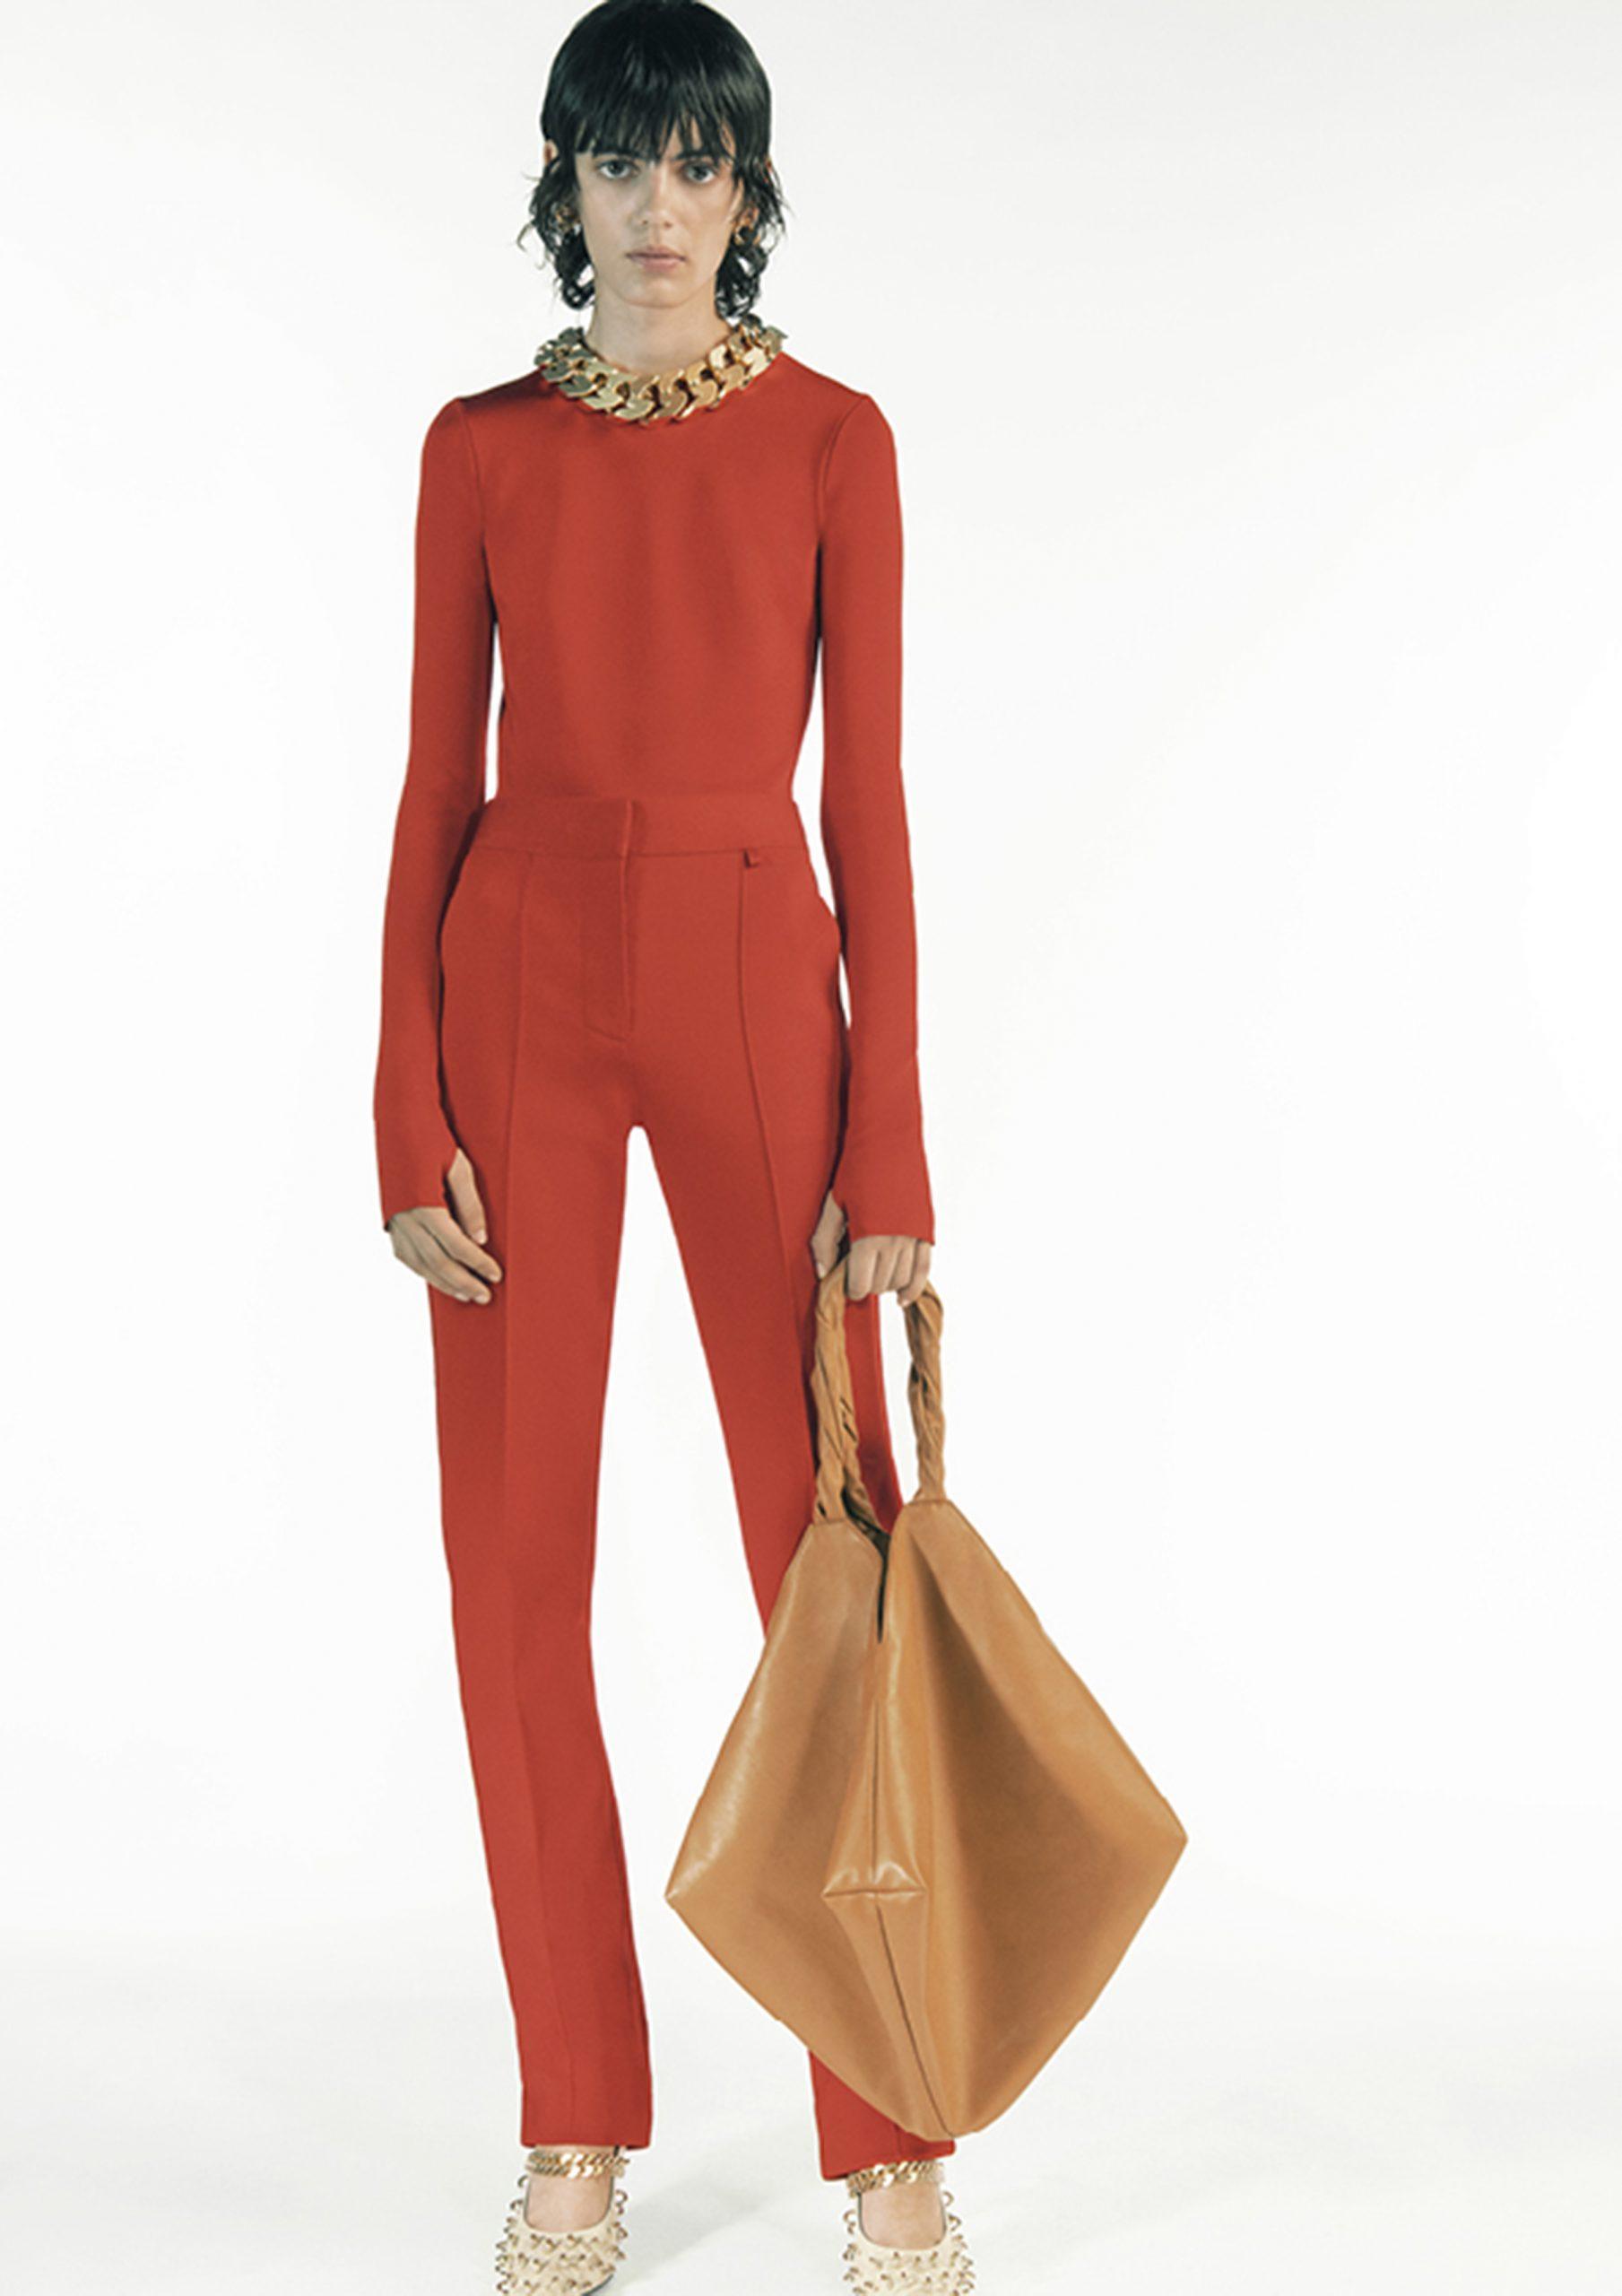 7. kép: Párizsi divathét - 2021 tavasz-nyár - ready to wear - Givenchy